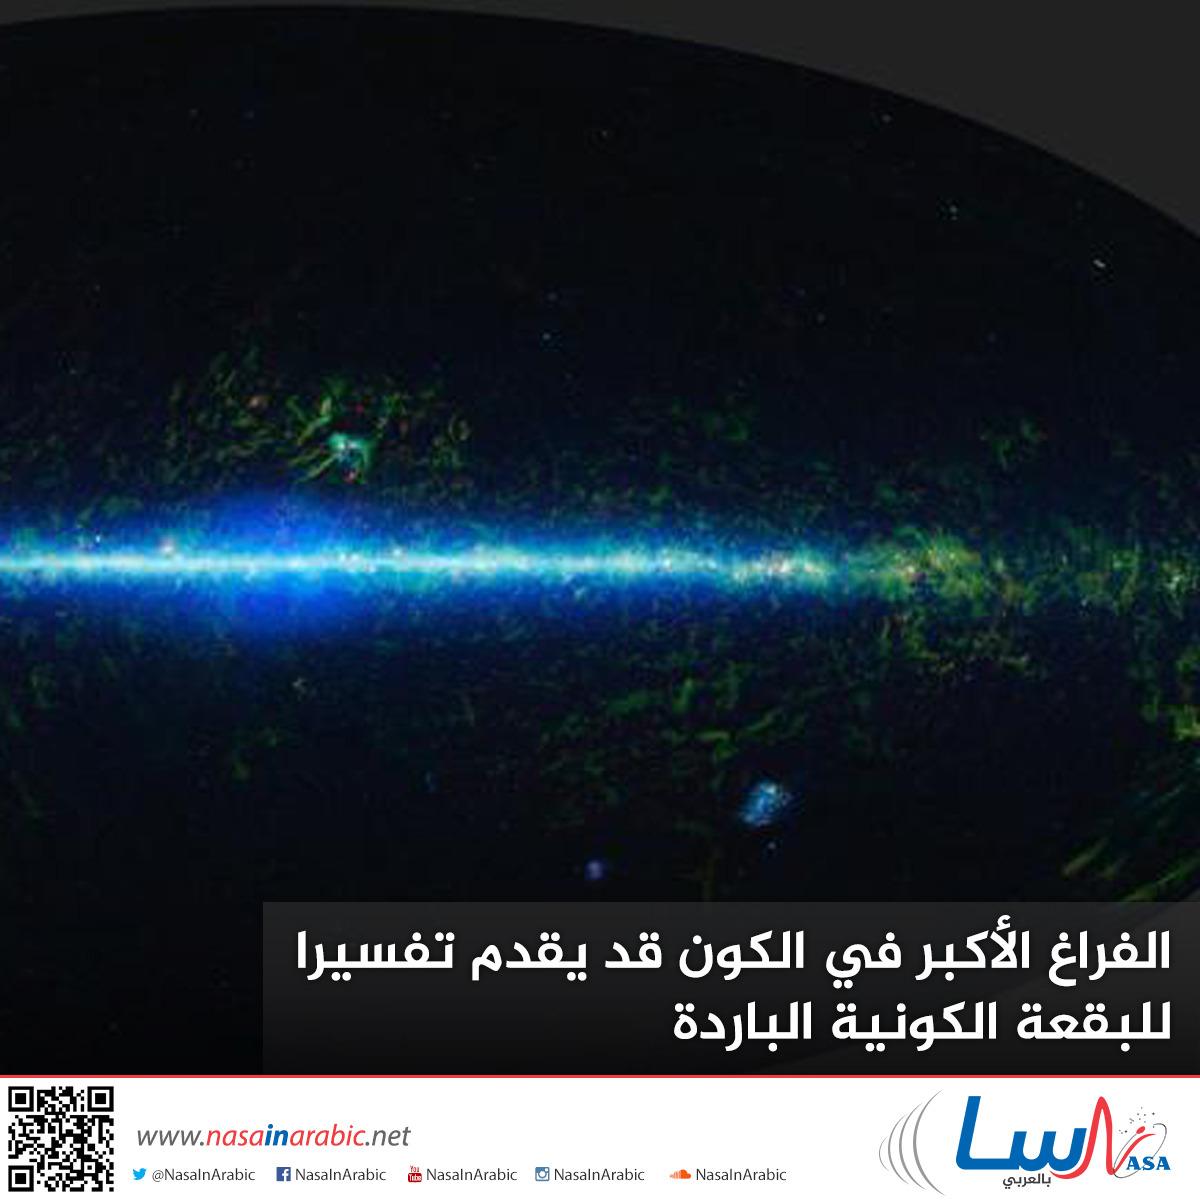 الفراغ الأكبر في الكون قد يقدم تفسيرا للبقعة الكونية الباردة